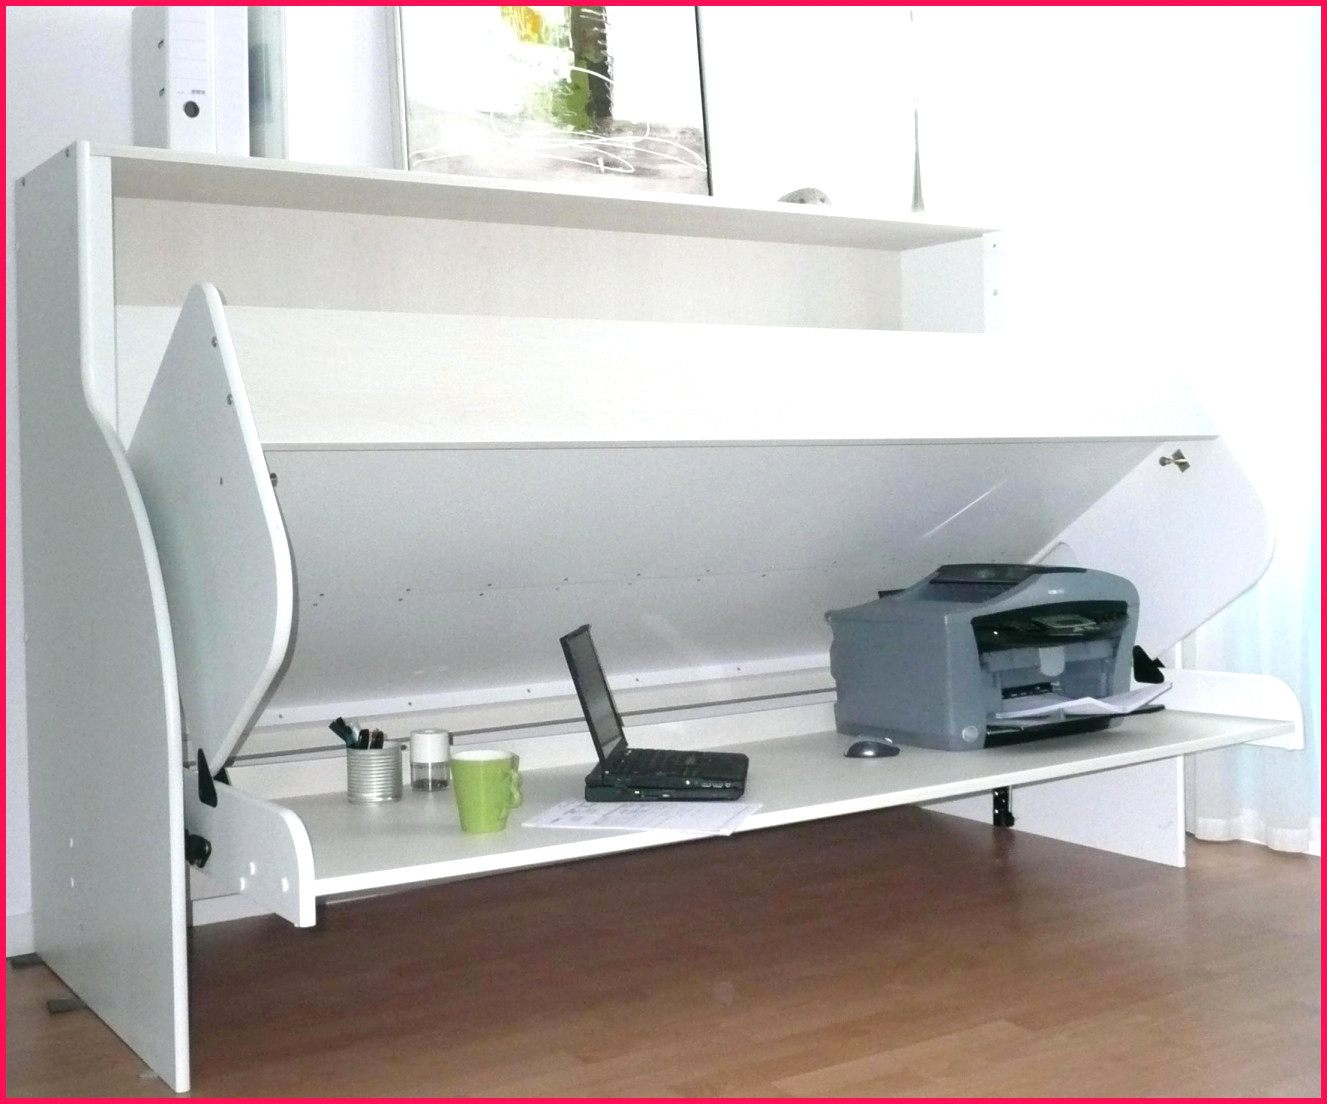 Lit Escamotable Canapé Ikea Frais Lit Escamotable Avec Divan